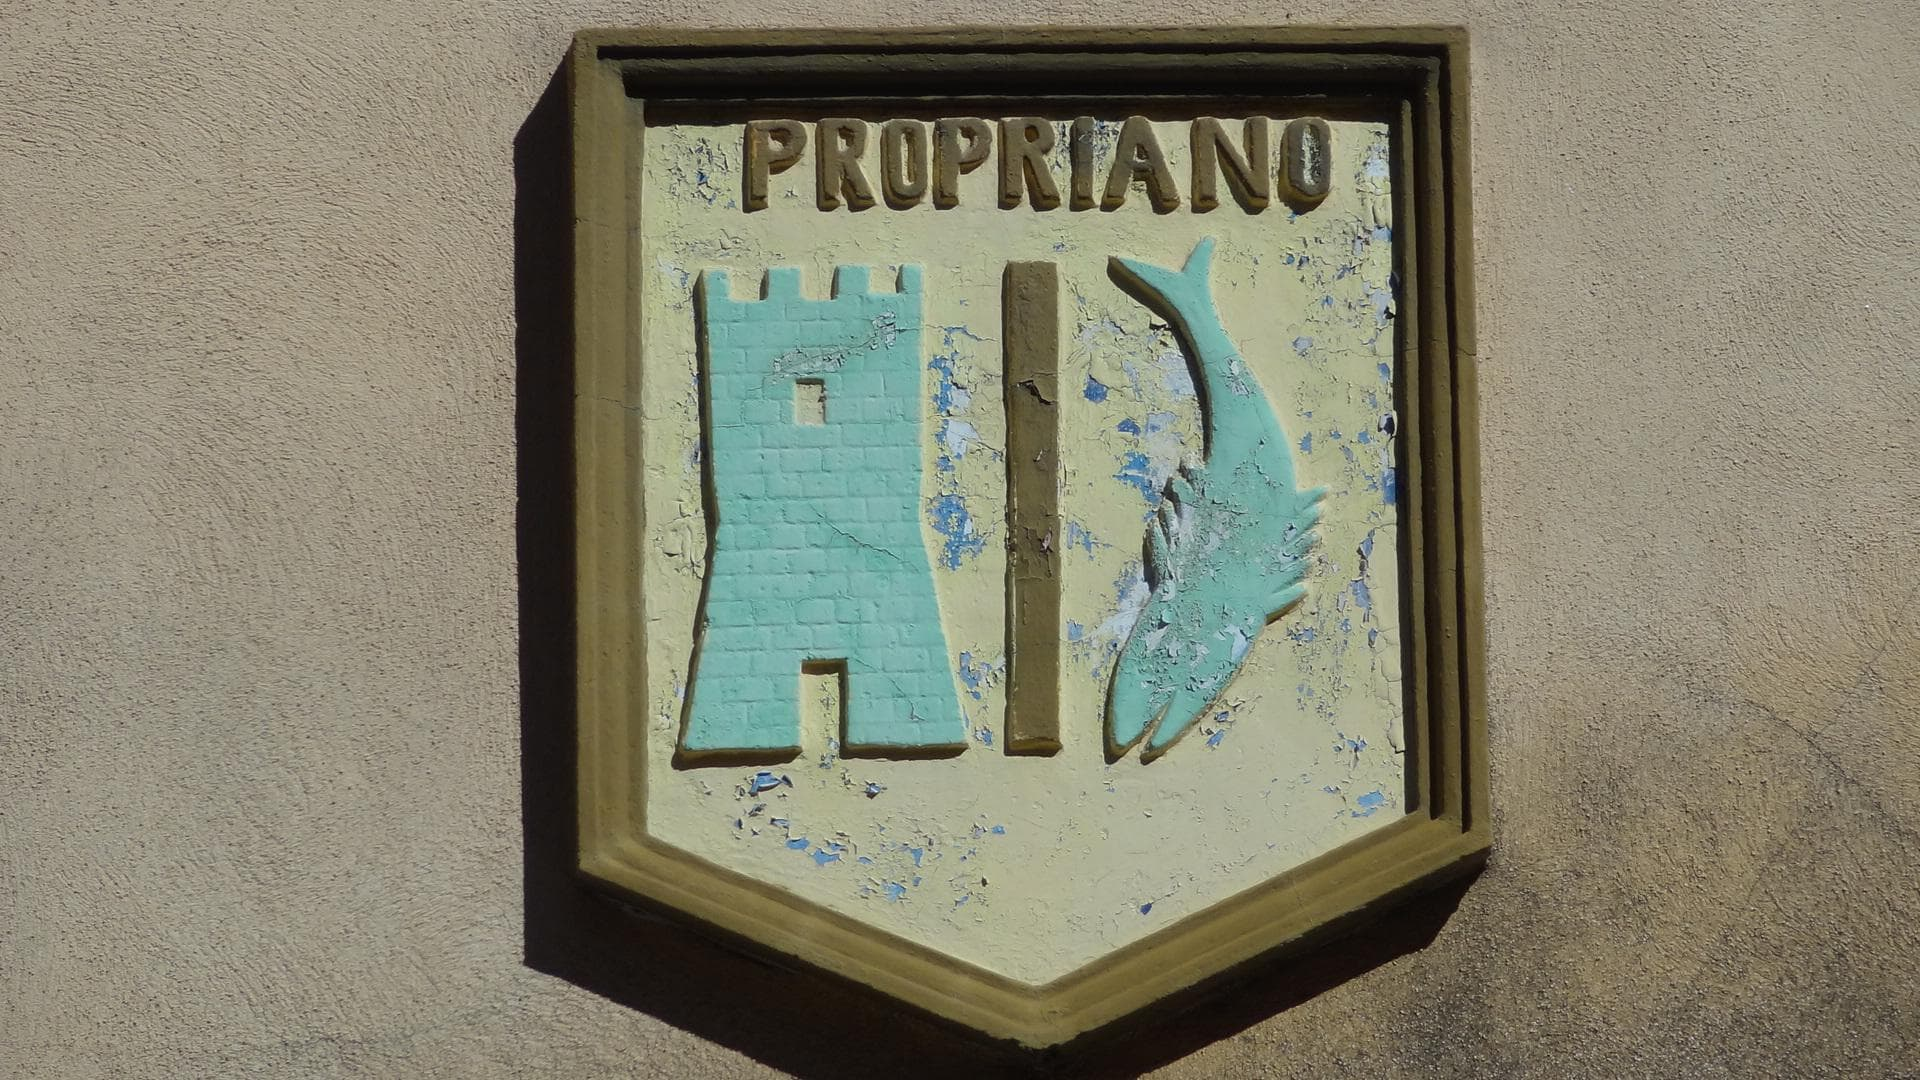 Phare de Propriano en Corse, DR